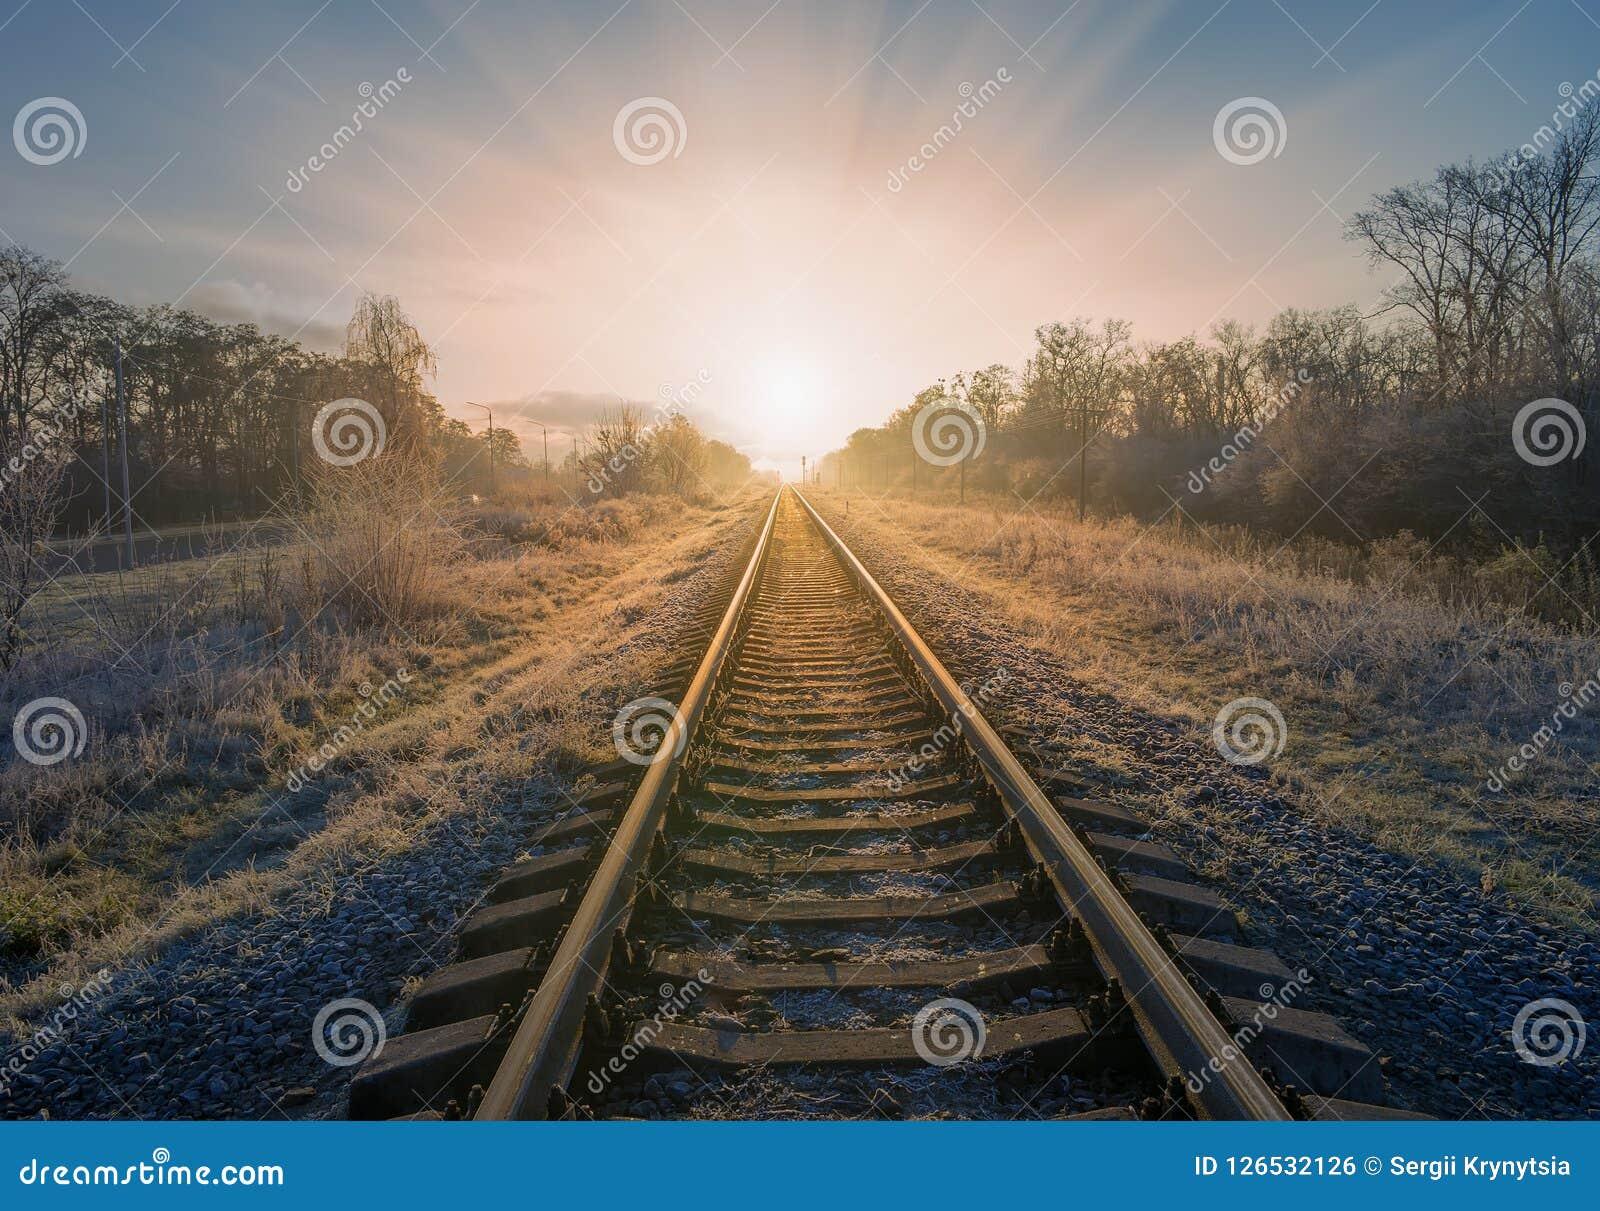 świetne okazje 2017 na wyprzedaży świetne ceny Sceniczny Widok Iść Prosto Naprzód Powstający Słońce Kolej ...